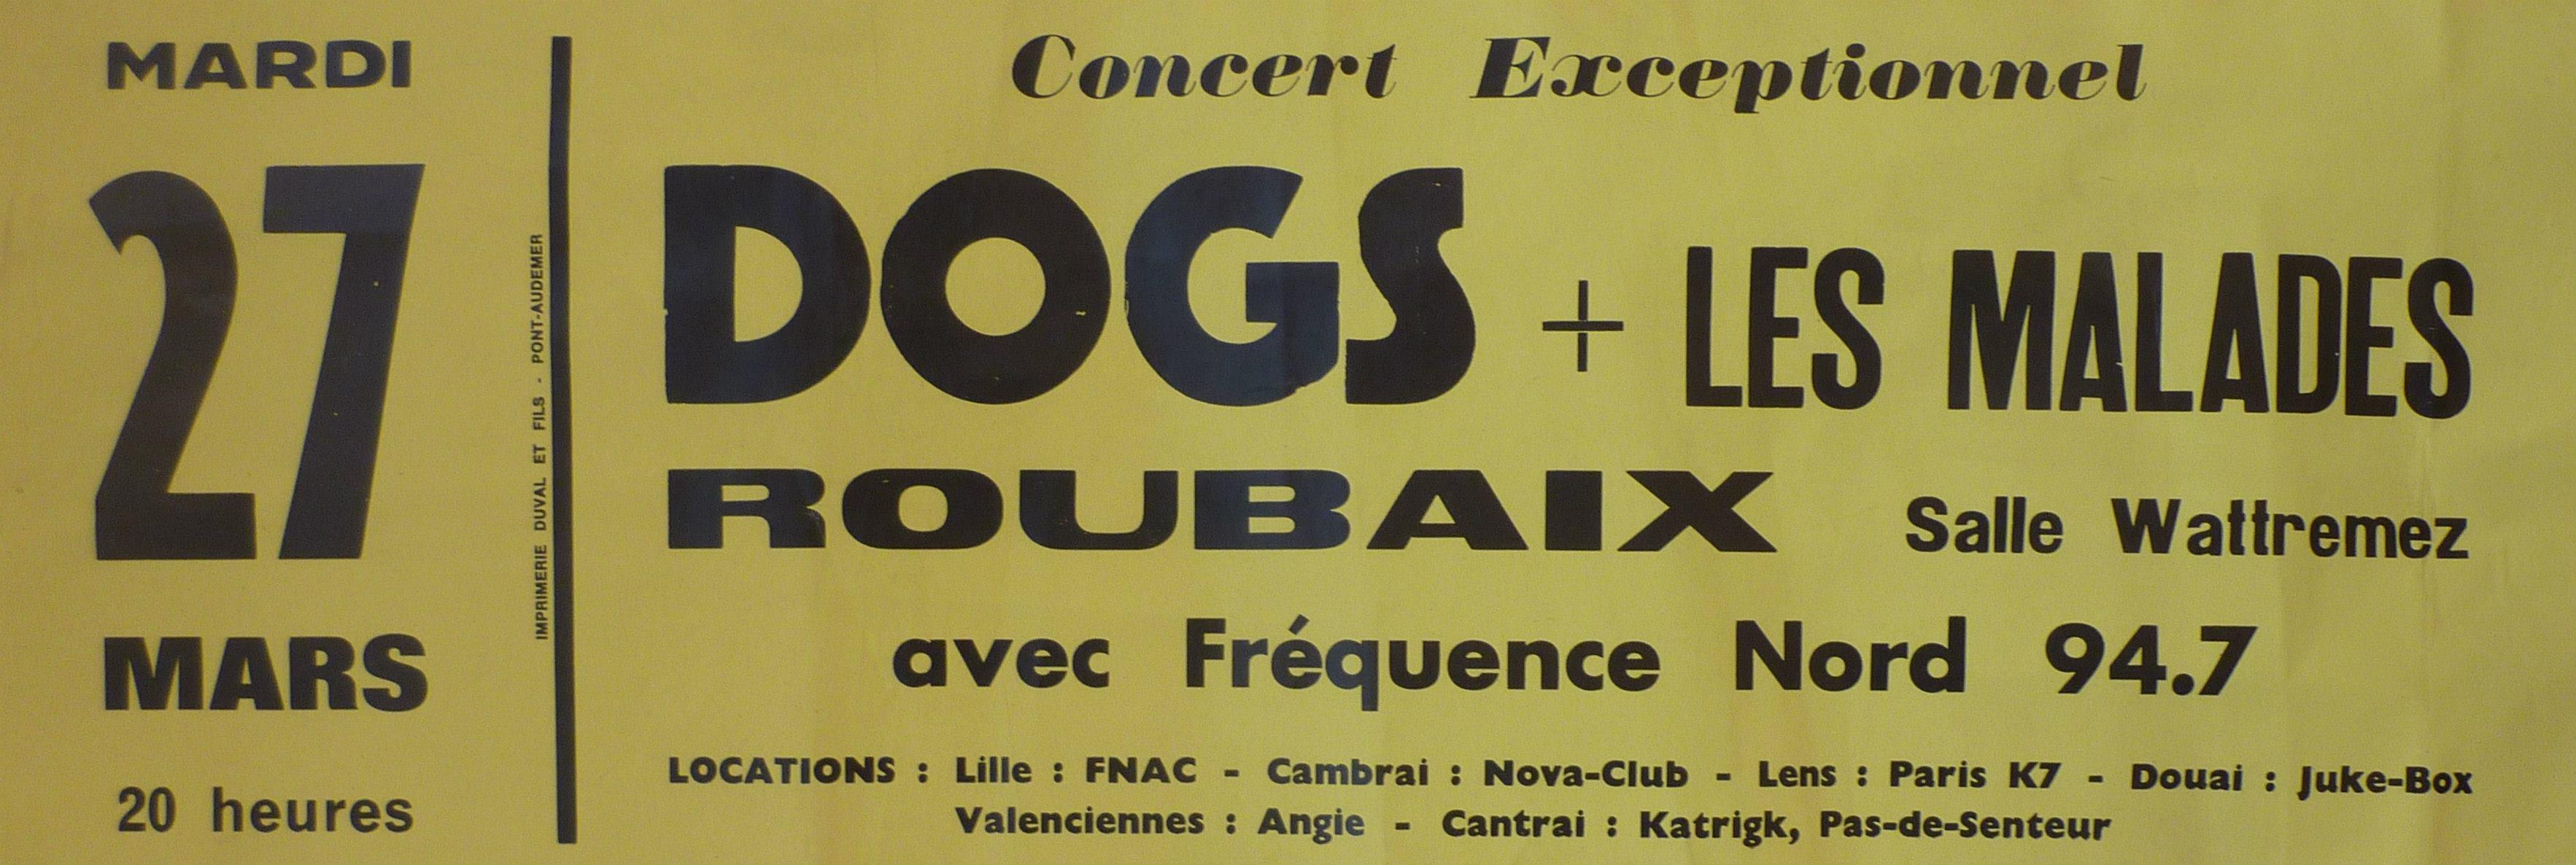 """27 mars (?) Les Dogs, les Malades à Roubaix """"Salle Wattremez"""""""